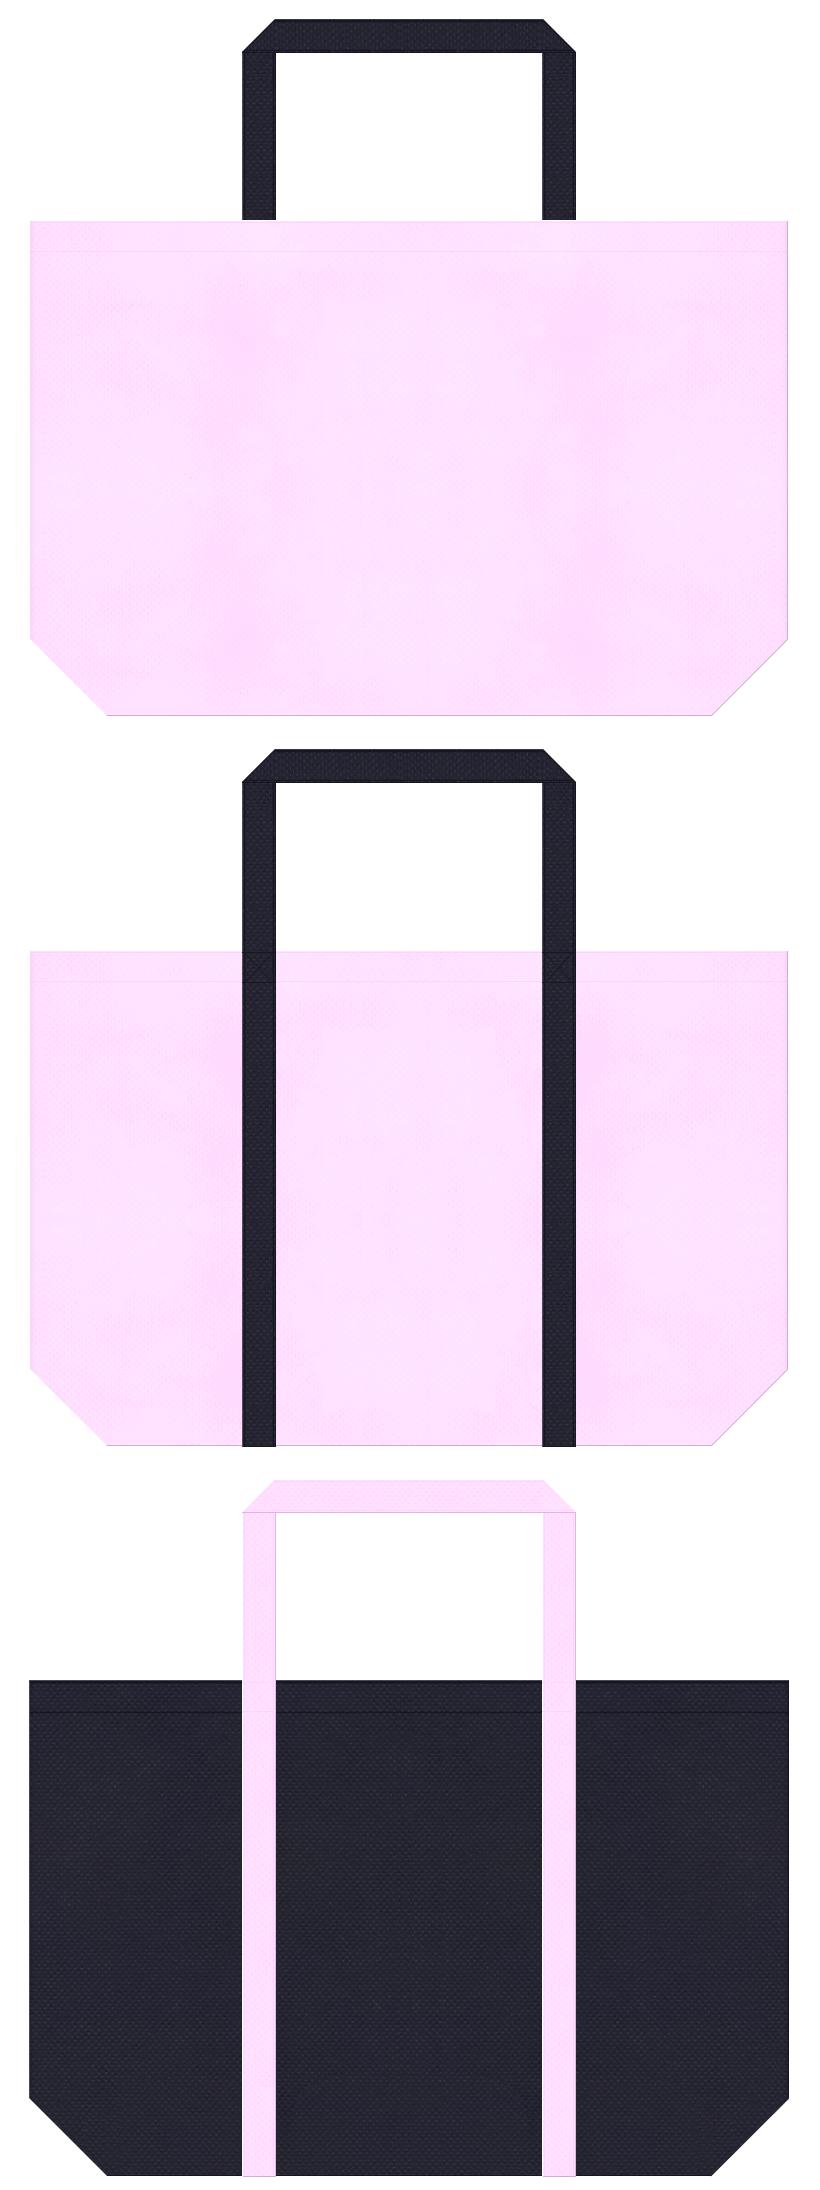 明るいピンク色と濃紺色の不織布バッグデザイン。女子制服・ユニフォームのショッピングバッグにお奨めです。